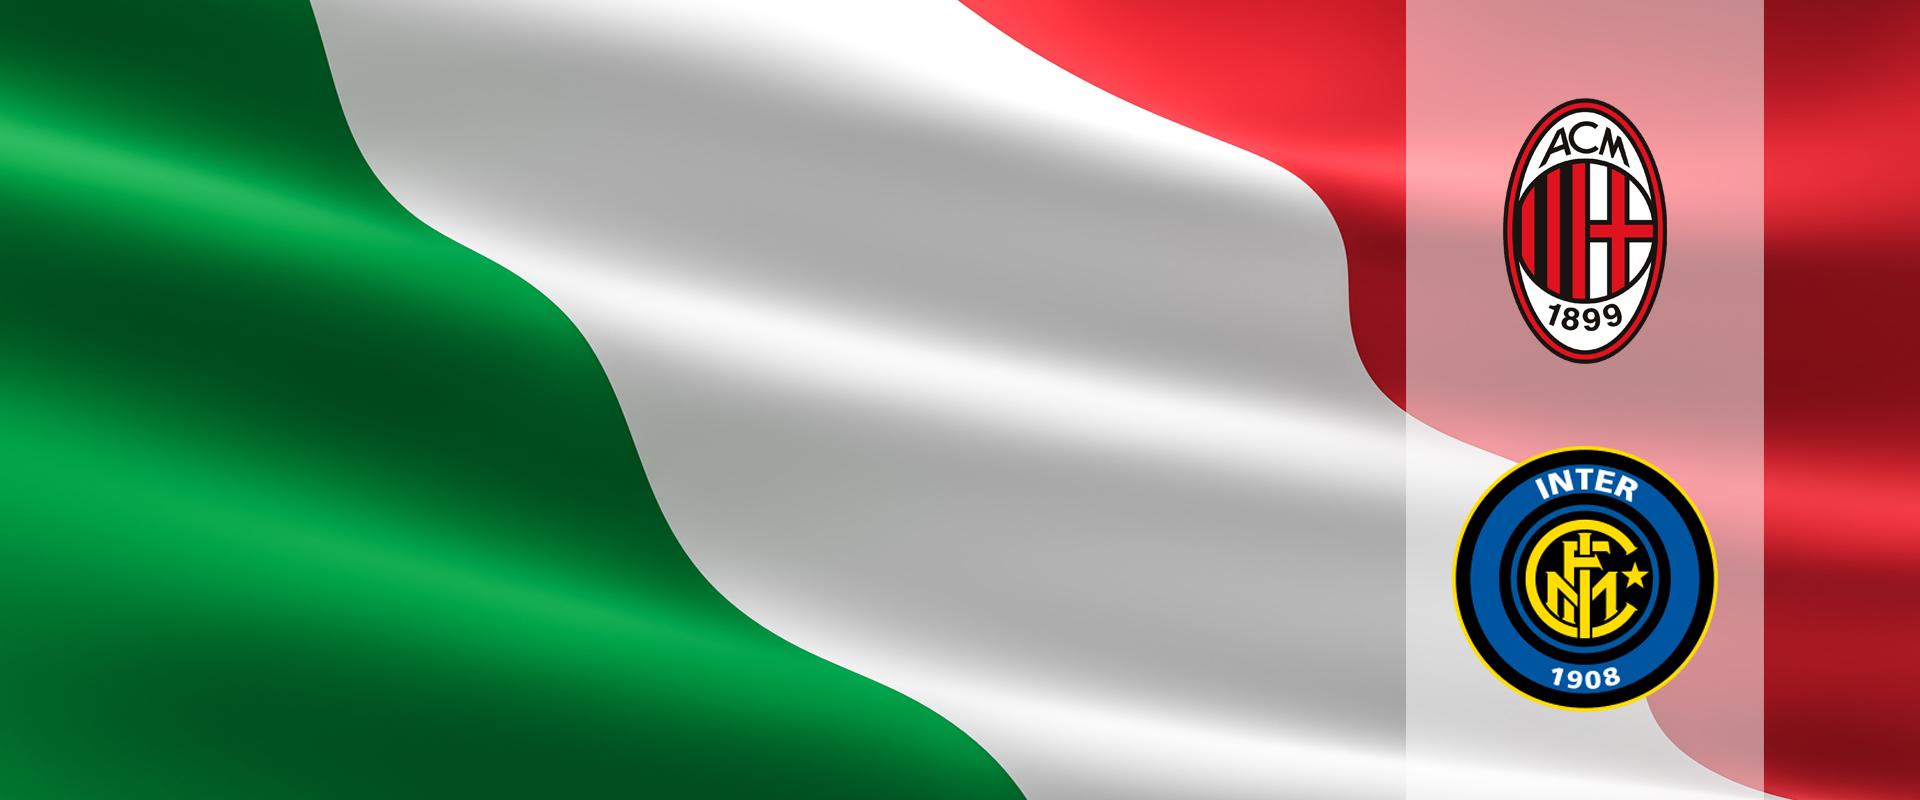 italien-sansiro-reisen